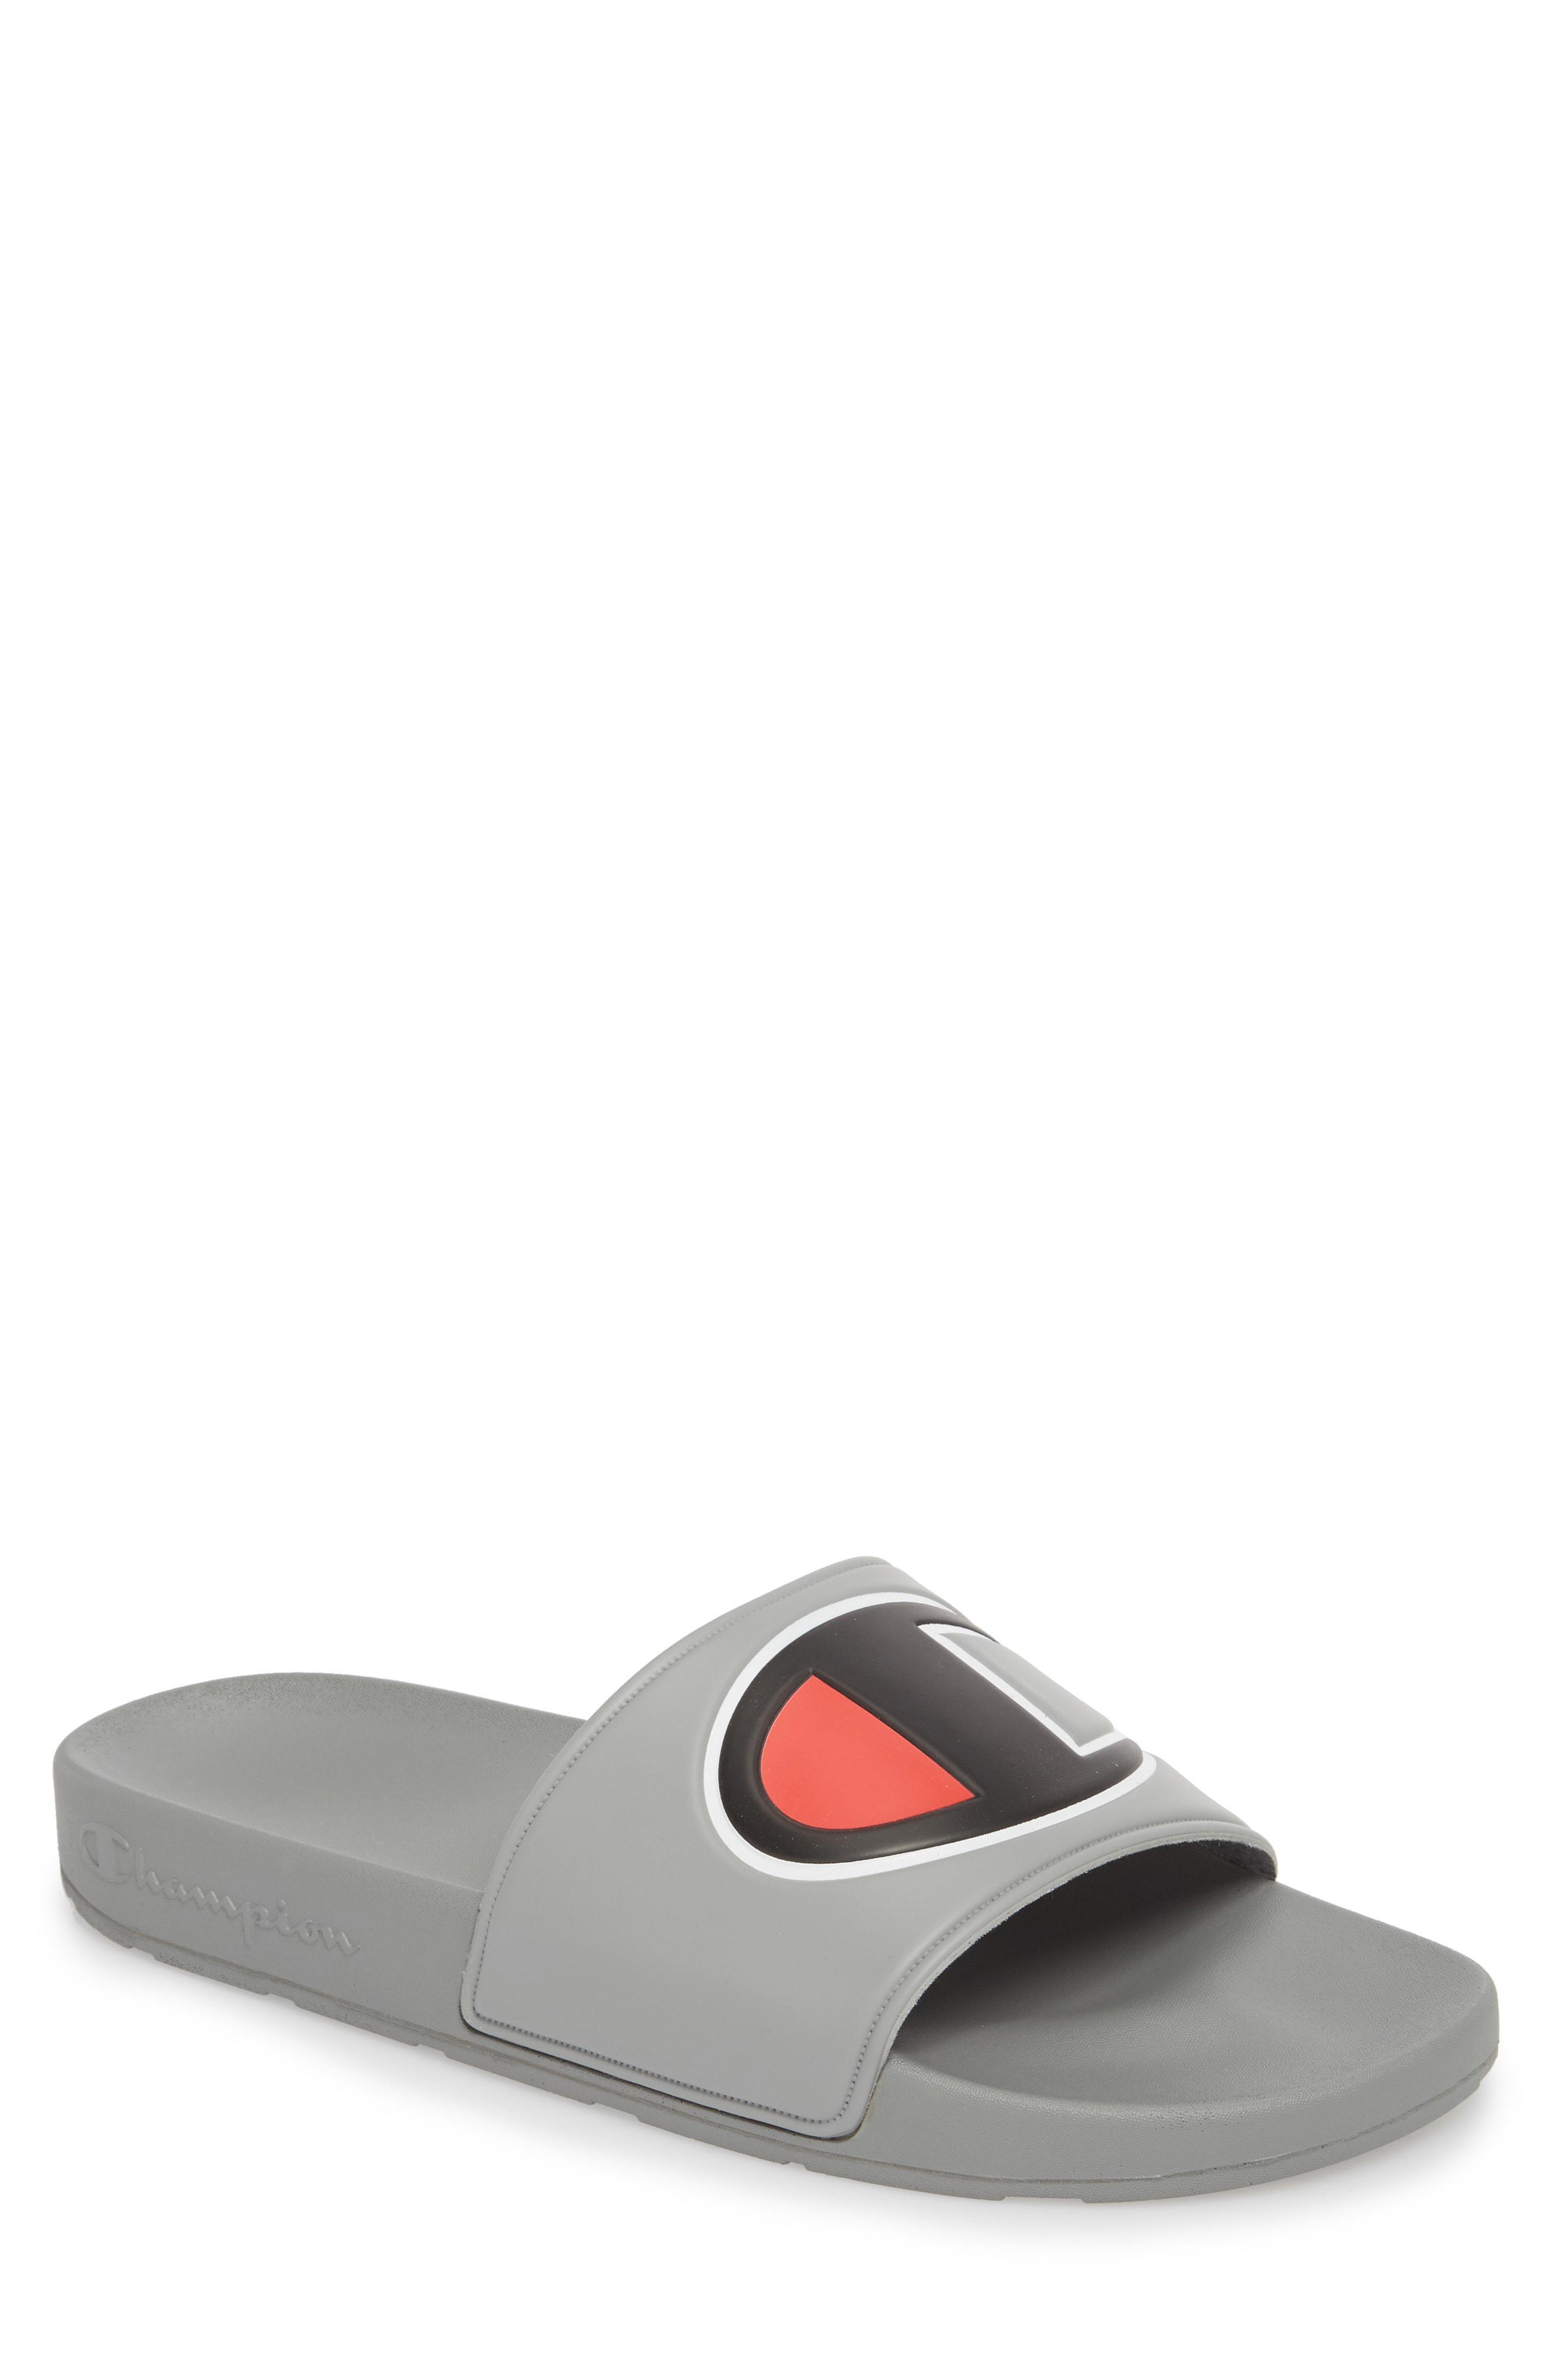 34fe01d6351 Lyst - Champion Ipo Sports Slide Sandal in Gray for Men